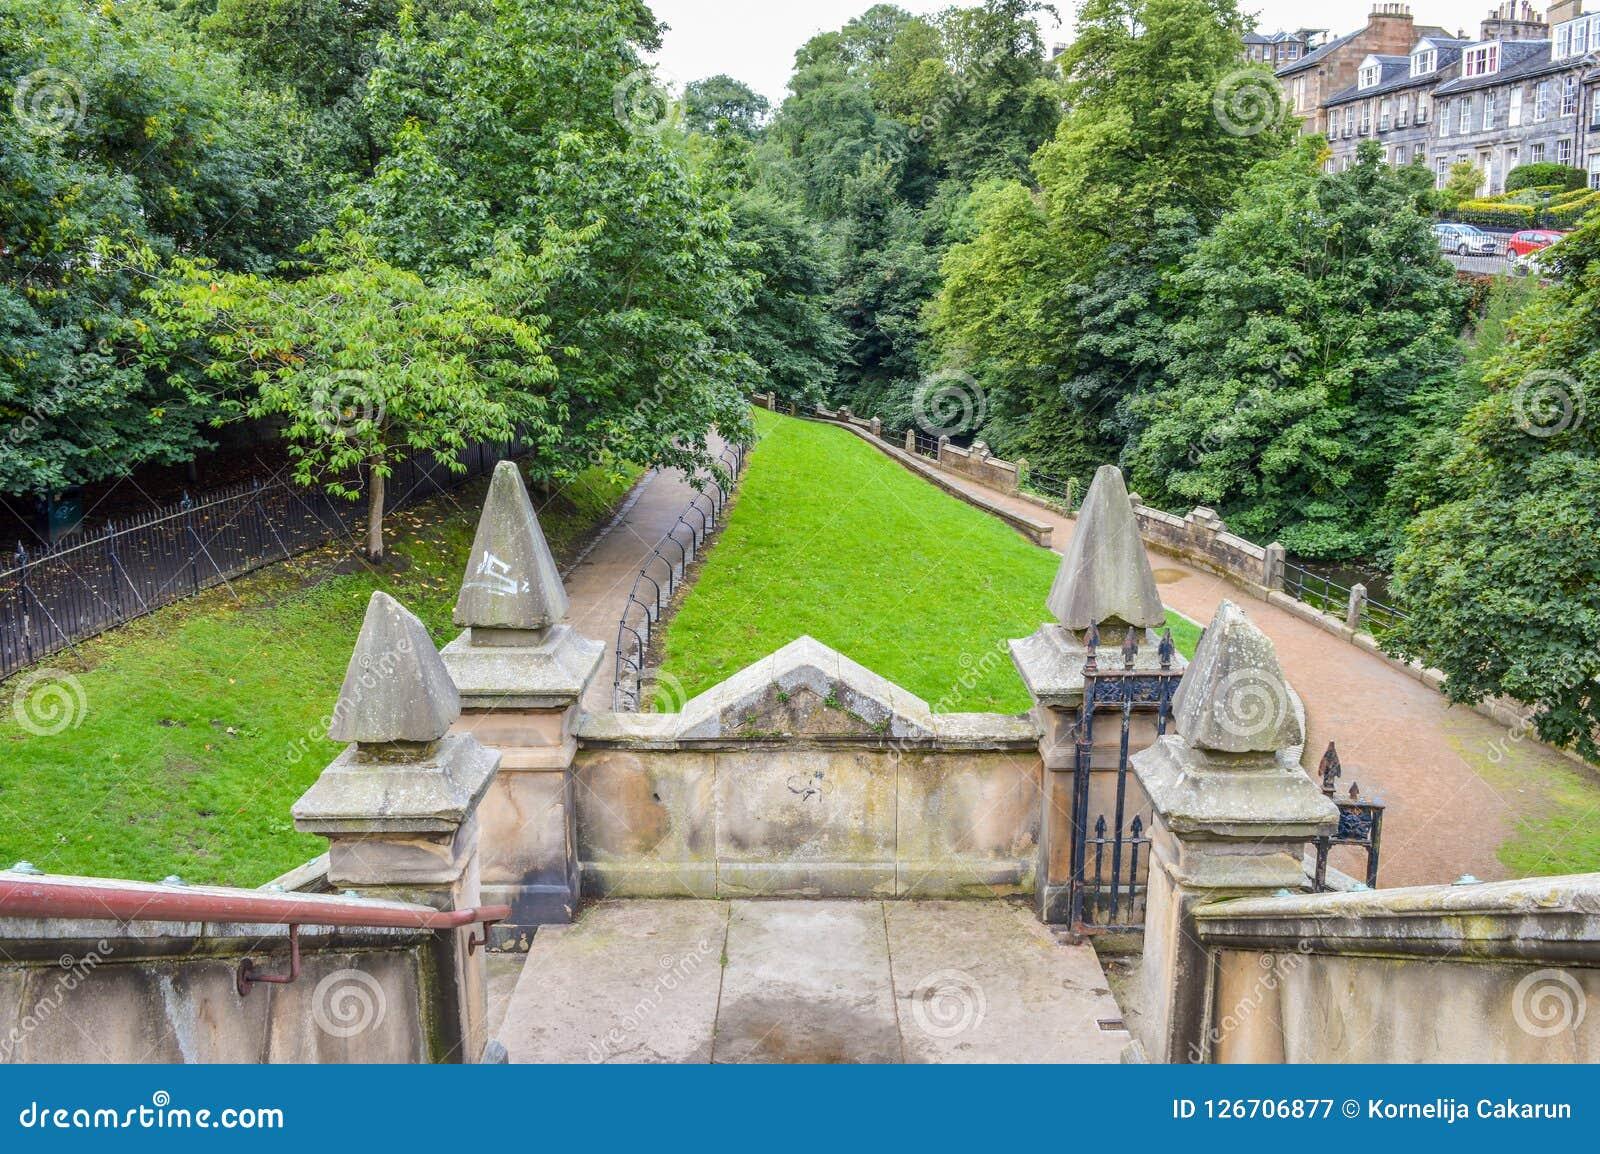 Edimburgo, Scotalnd - Stockbridge